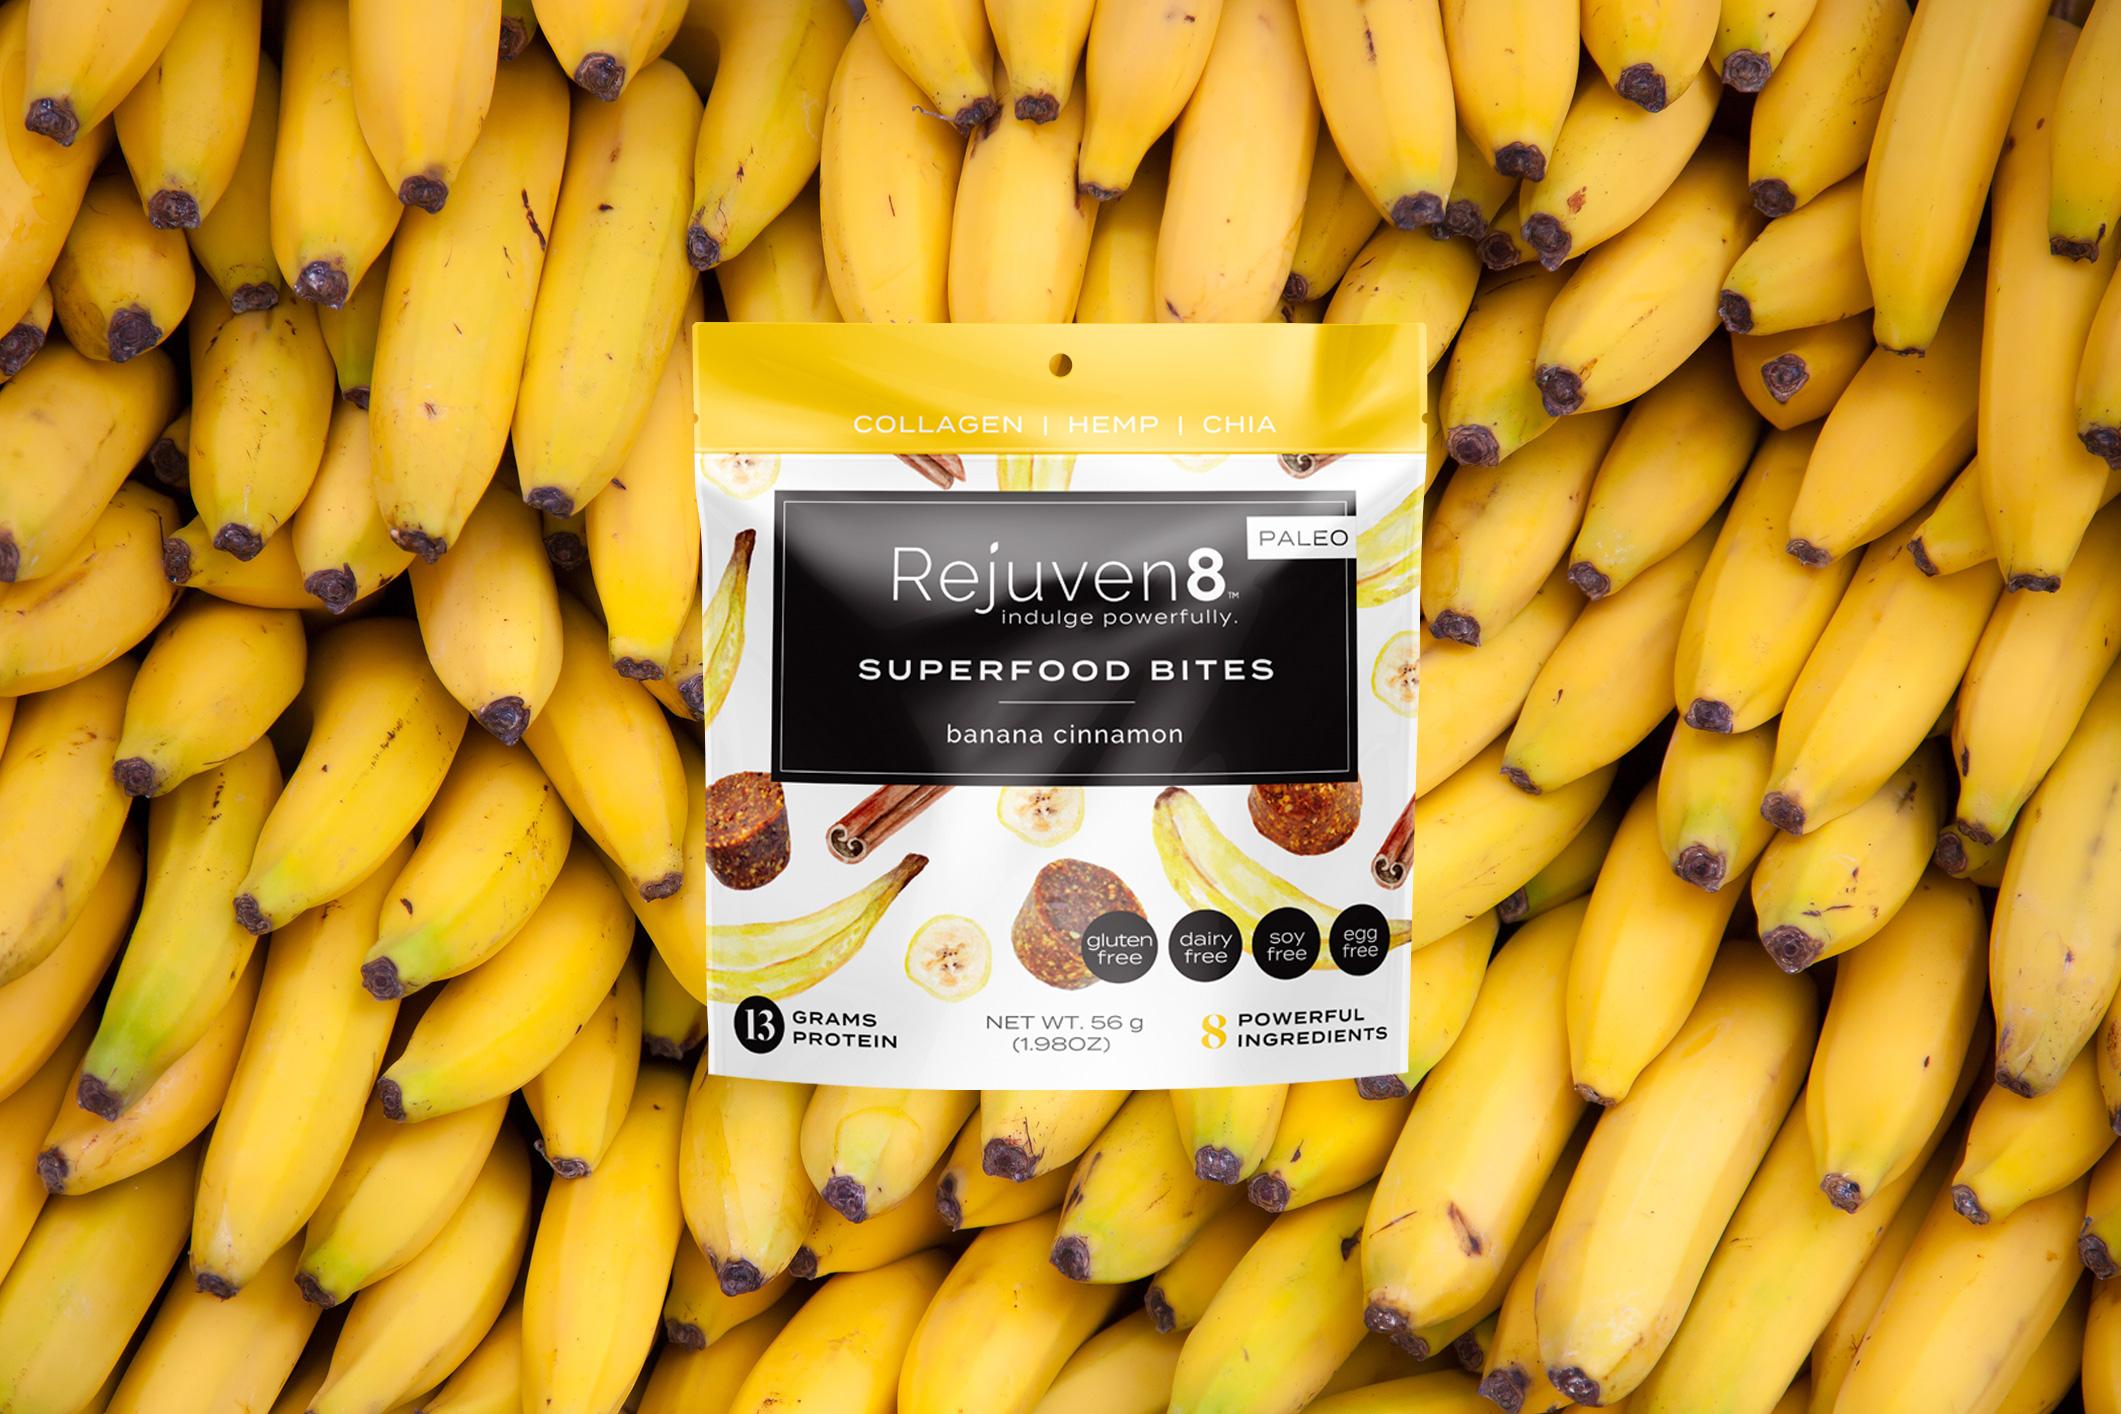 BananaCinnamon.jpg